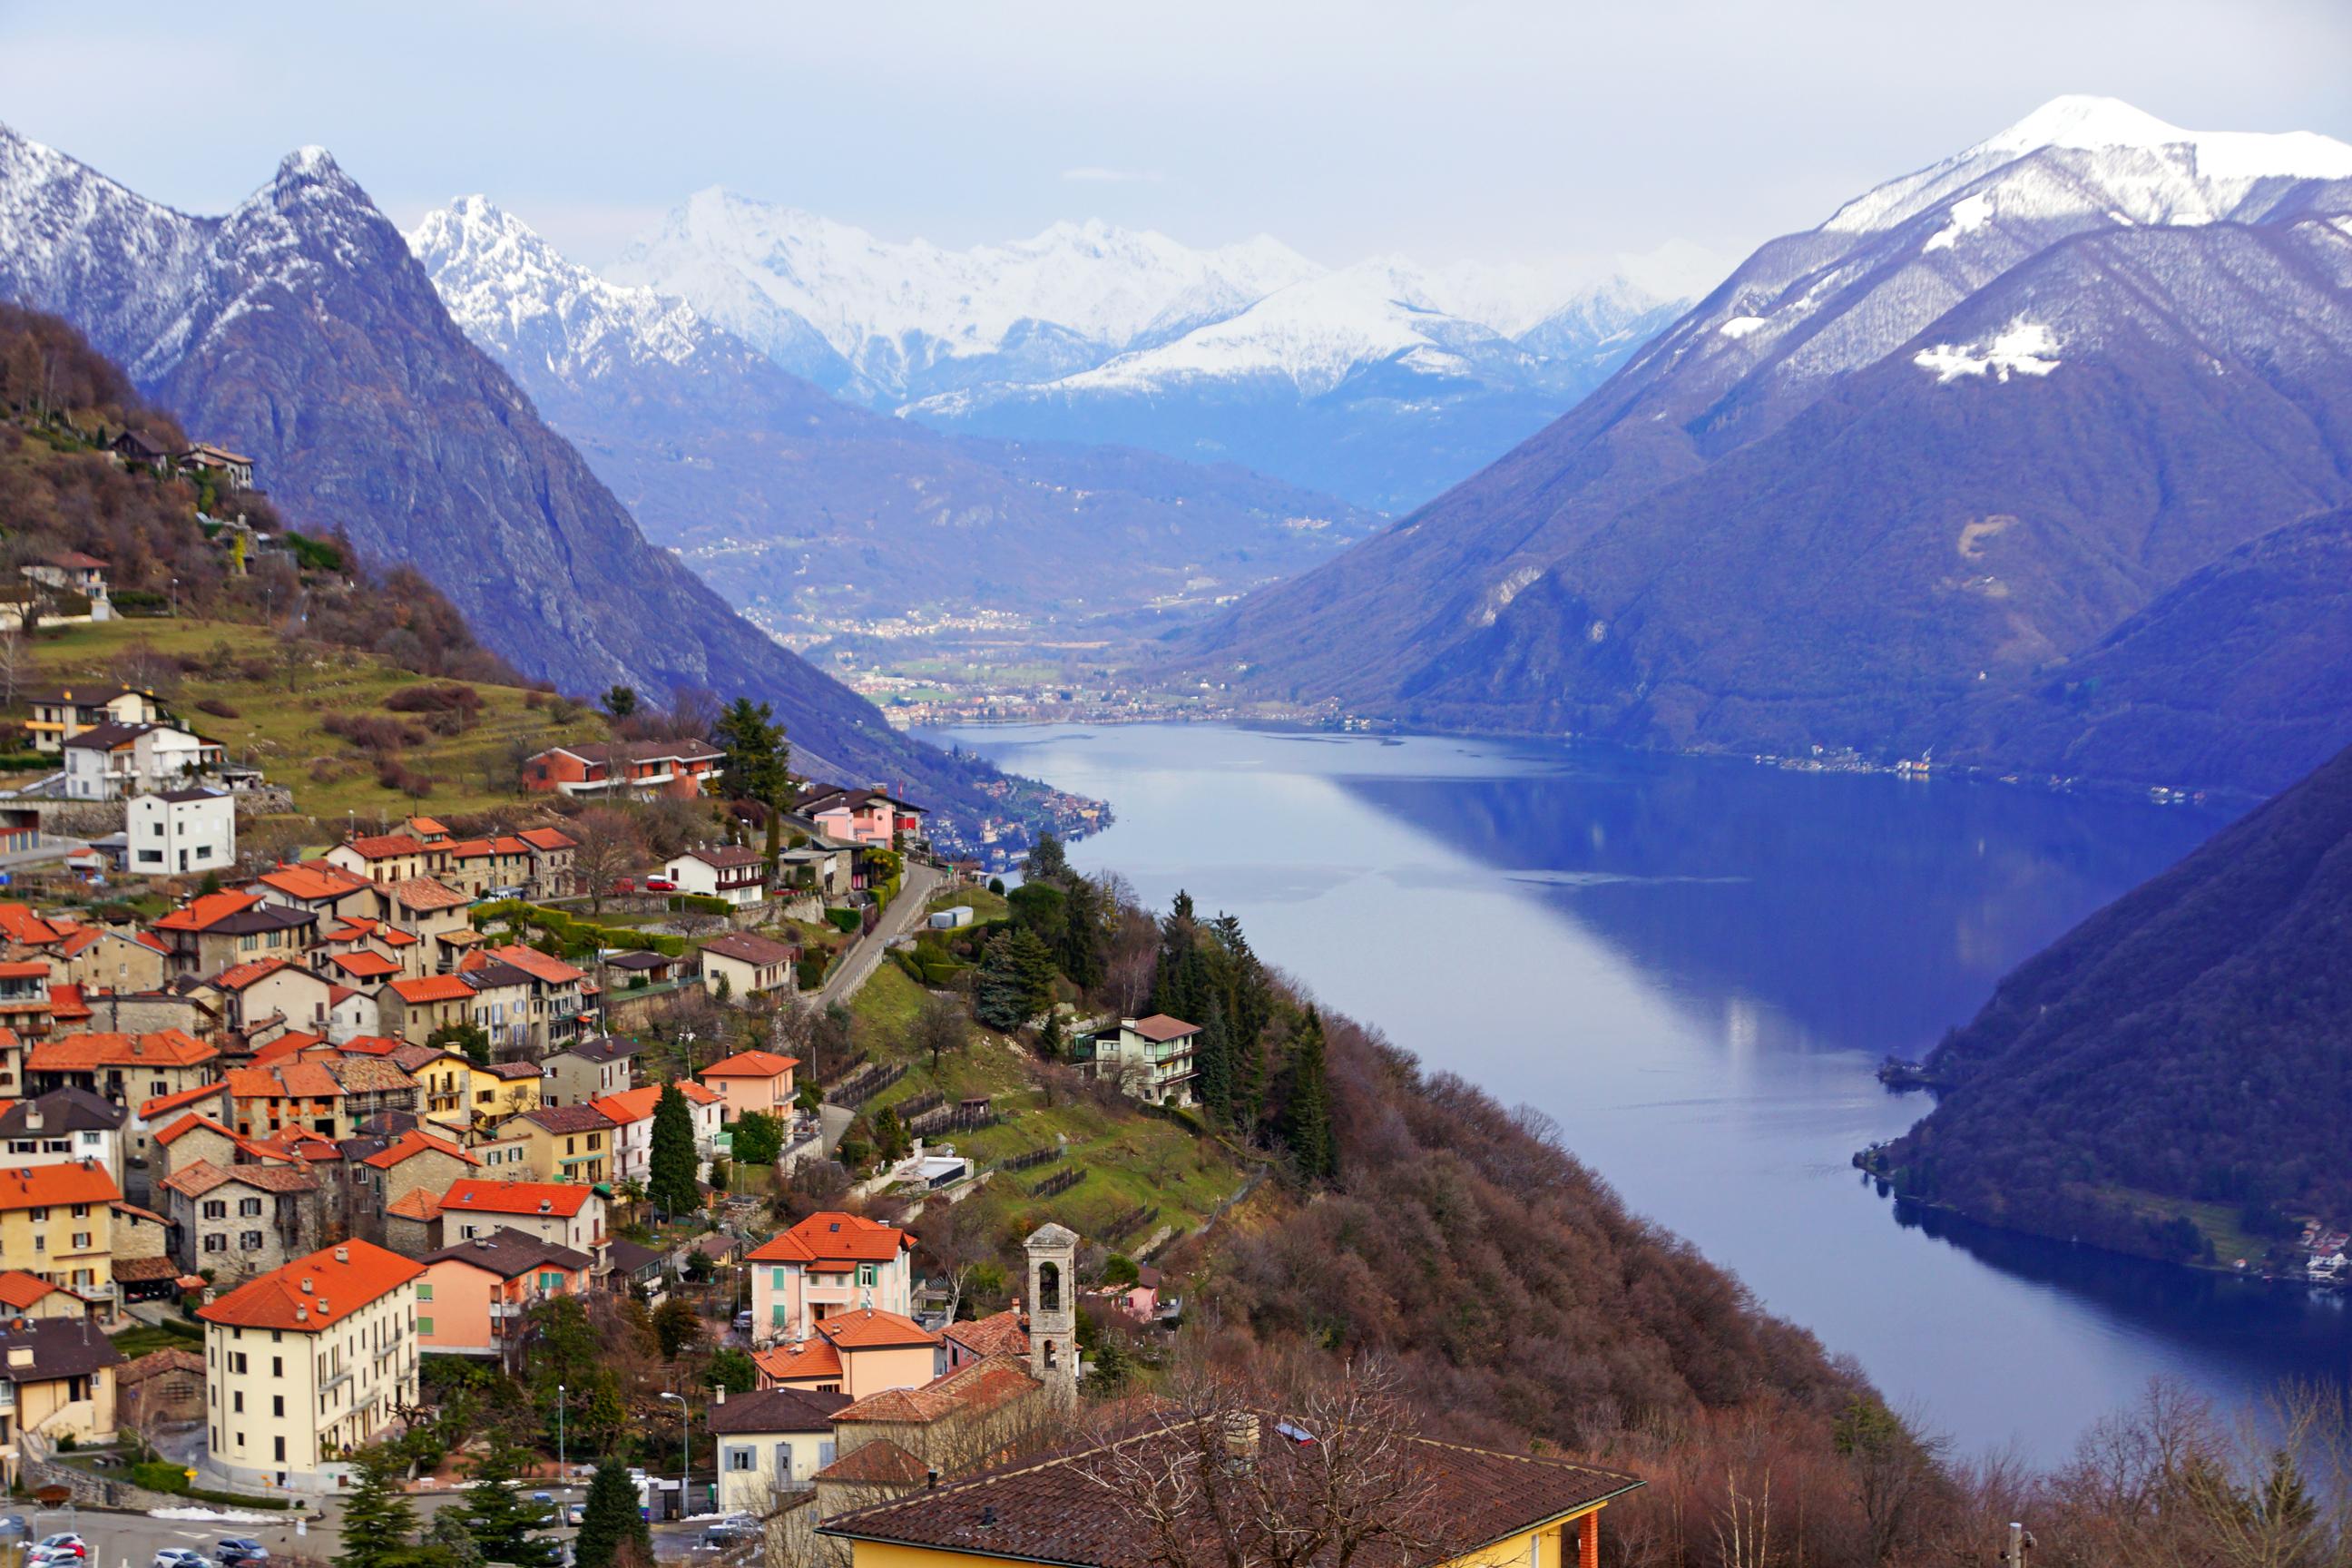 Завораживающие фотографии самых красивых мест на земле